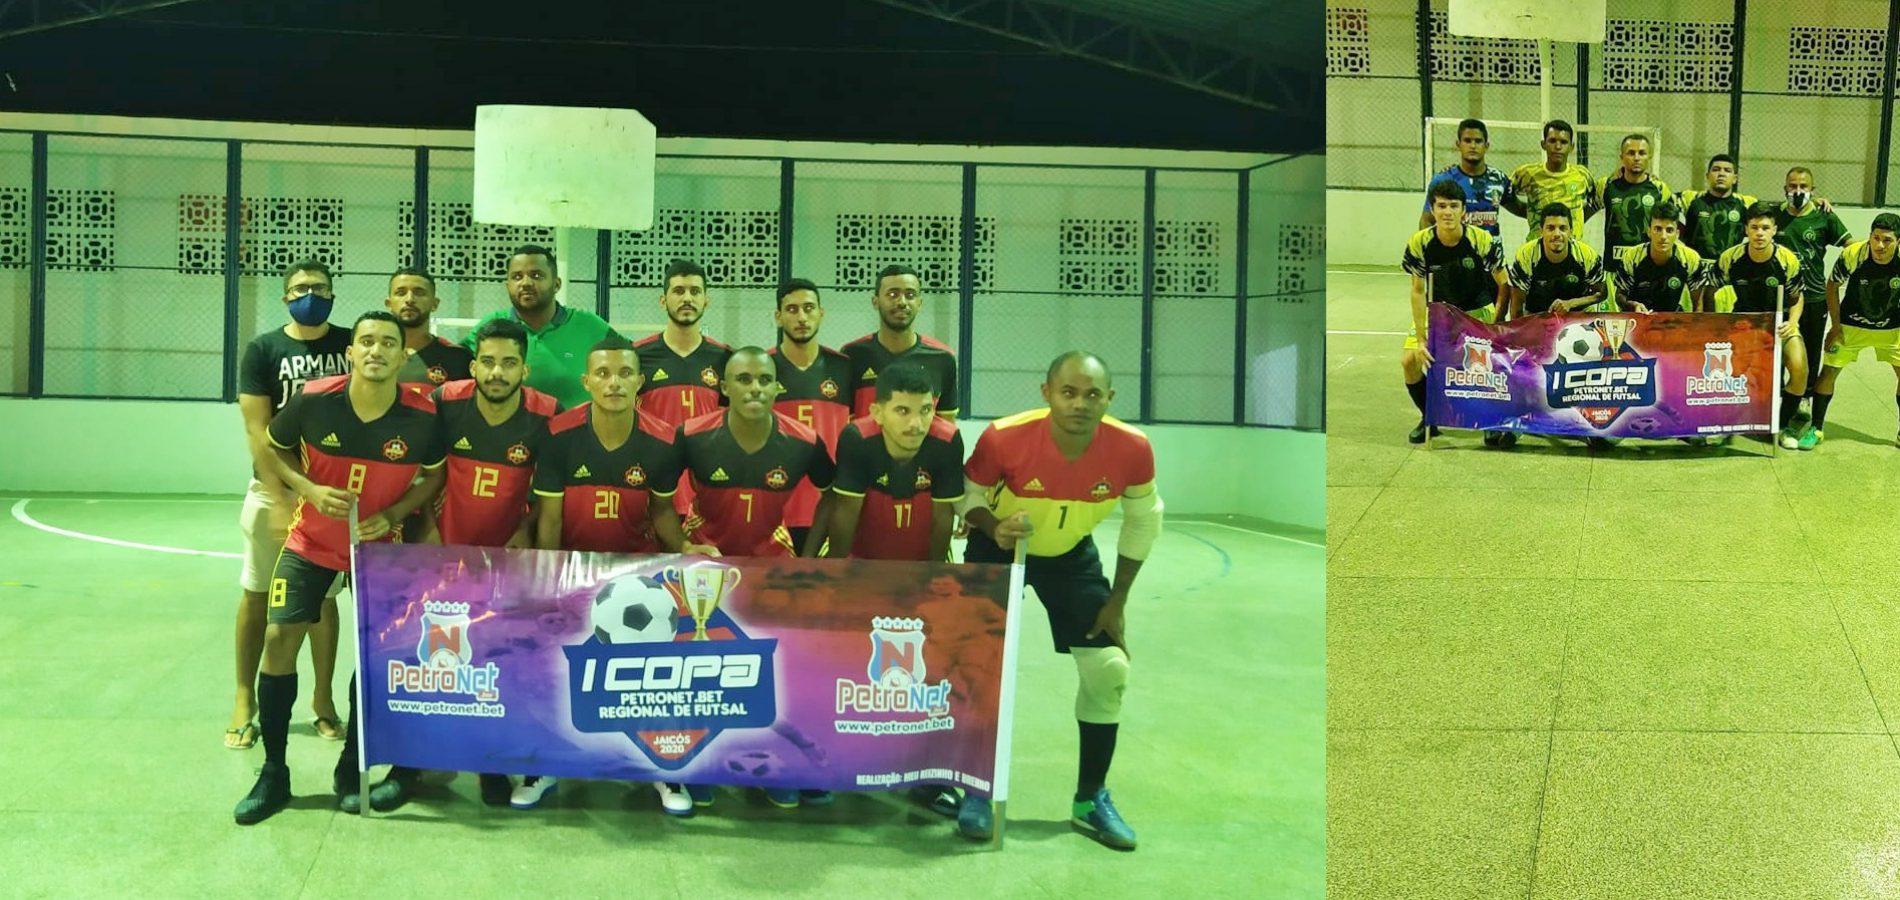 JAICÓS | Chapecoense e Borracharia Santin se classificam para as semifinais da Copa Petronet Bet de Futsal